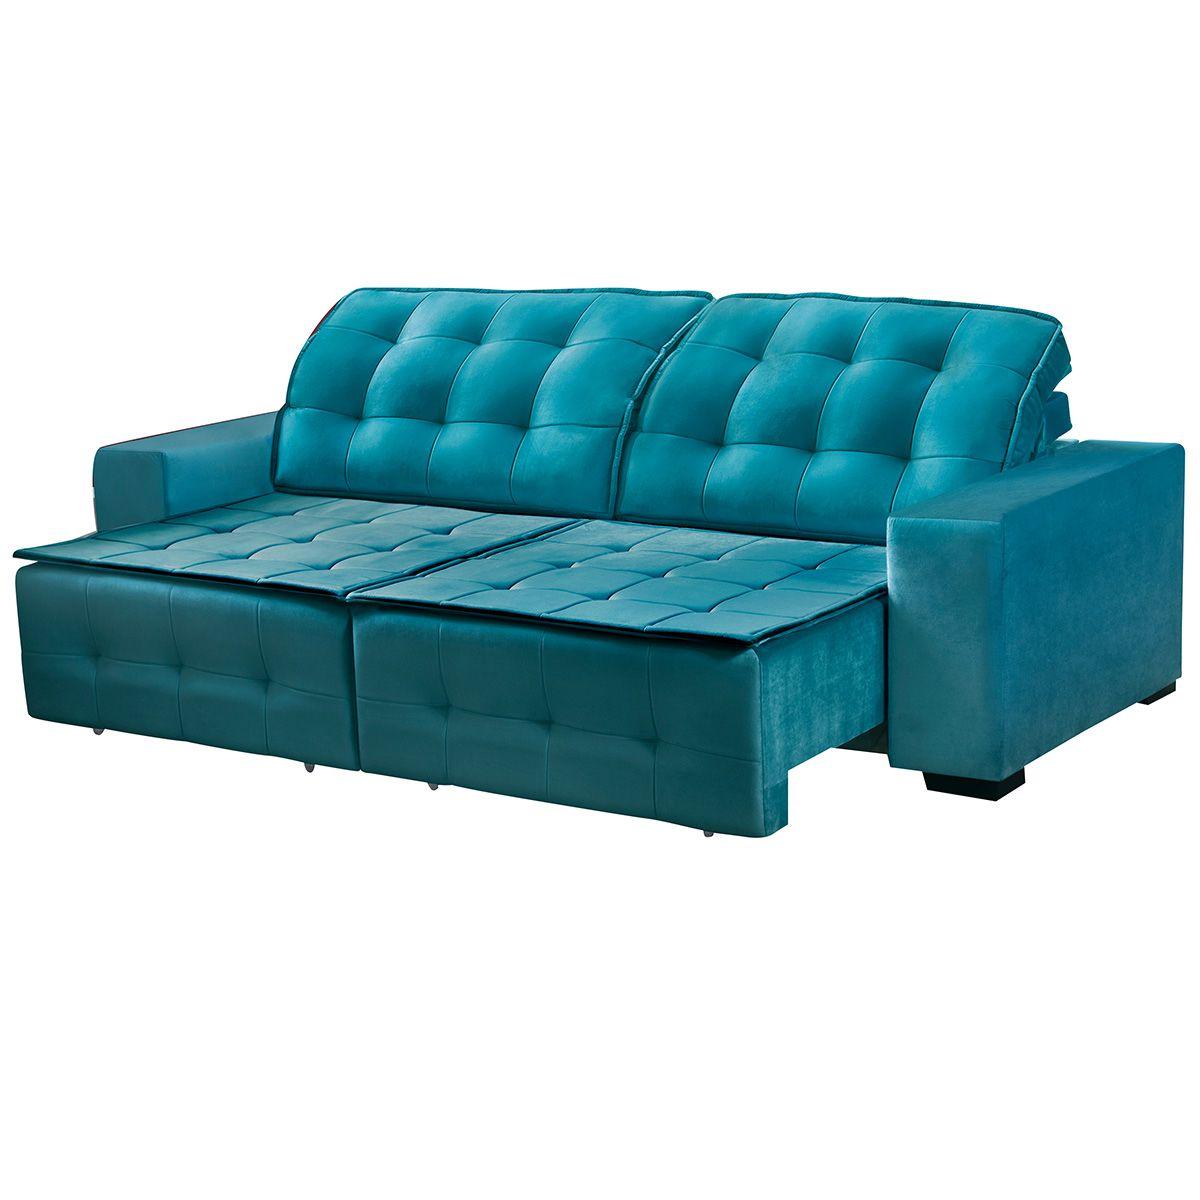 Sofá Retrátil e Reclinável Istambul 2,70 m Veludo Azul Esmeralda